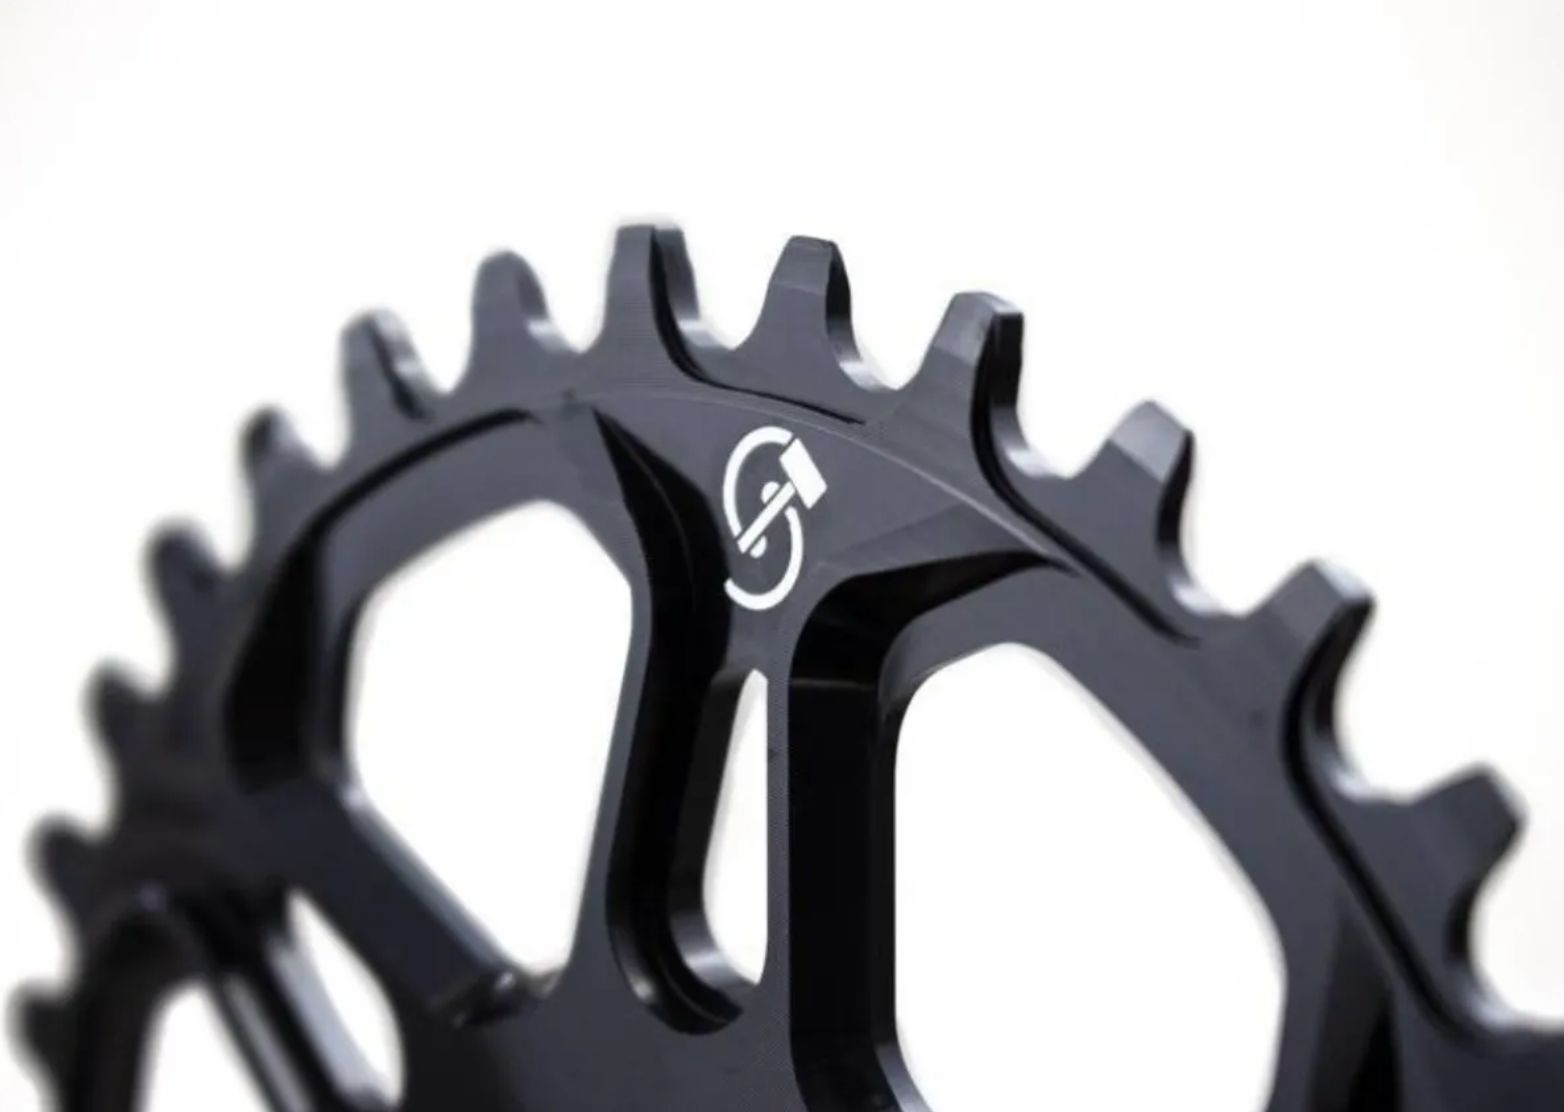 Coroa Shimano 12v Sledgehammer Narrow Wide Slx,xt,xtr